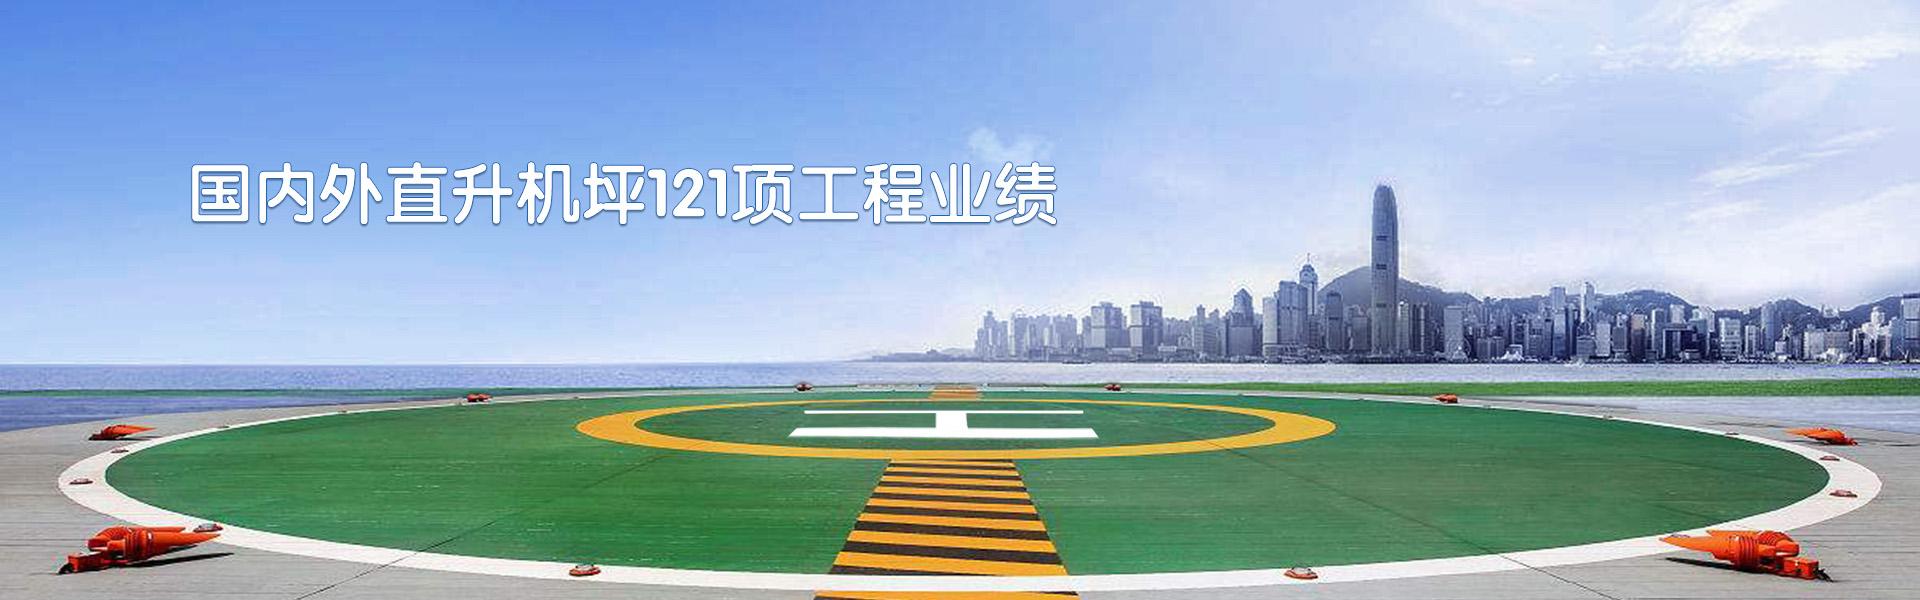 救援直升机停机坪,直升机坪设计施工,直升机停机坪建造单位